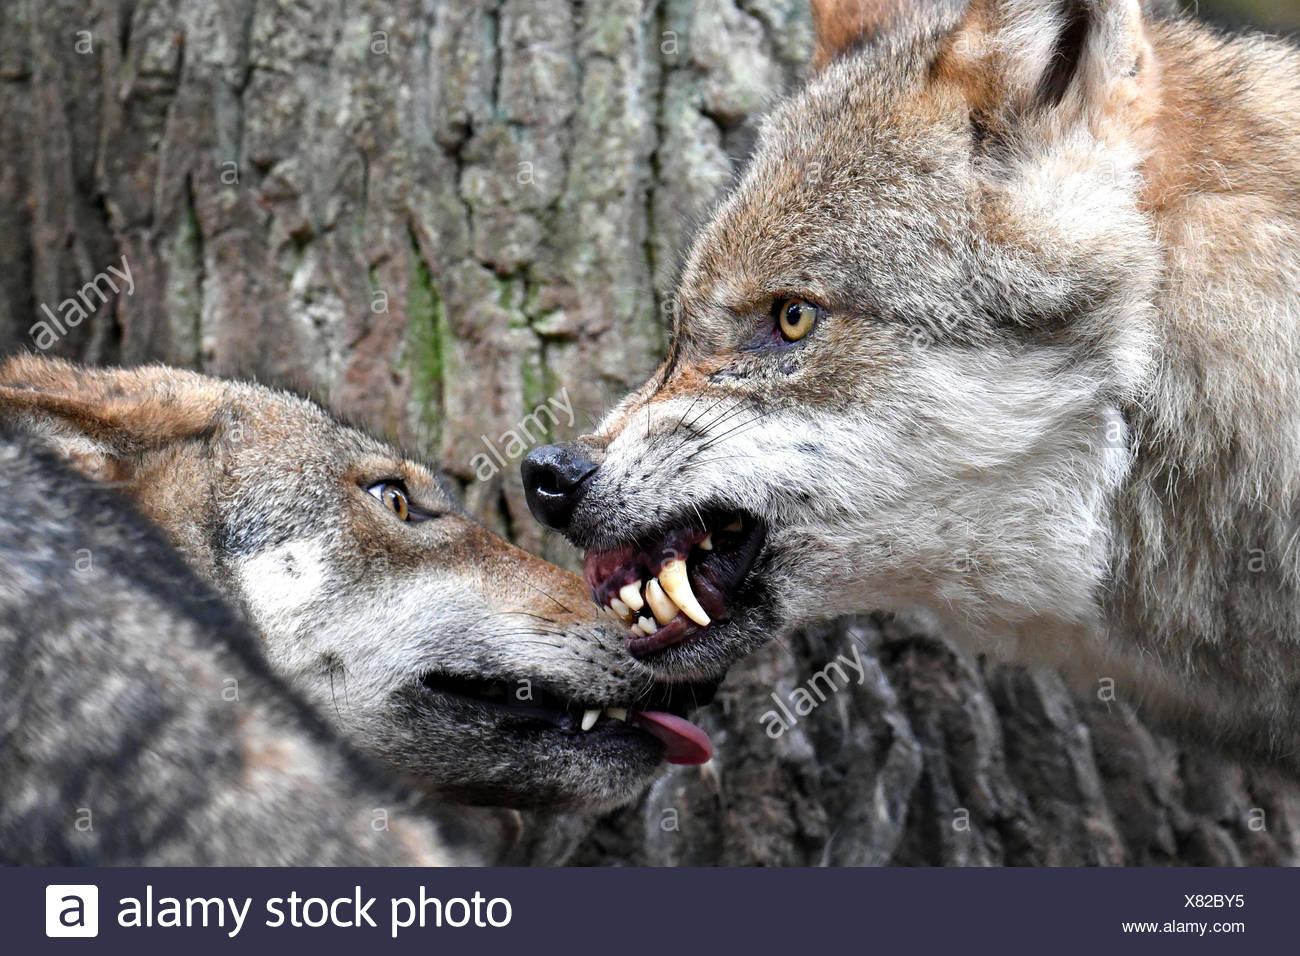 Le loup, canis lupus, gronder, dents, geste menaçant, Photo Stock